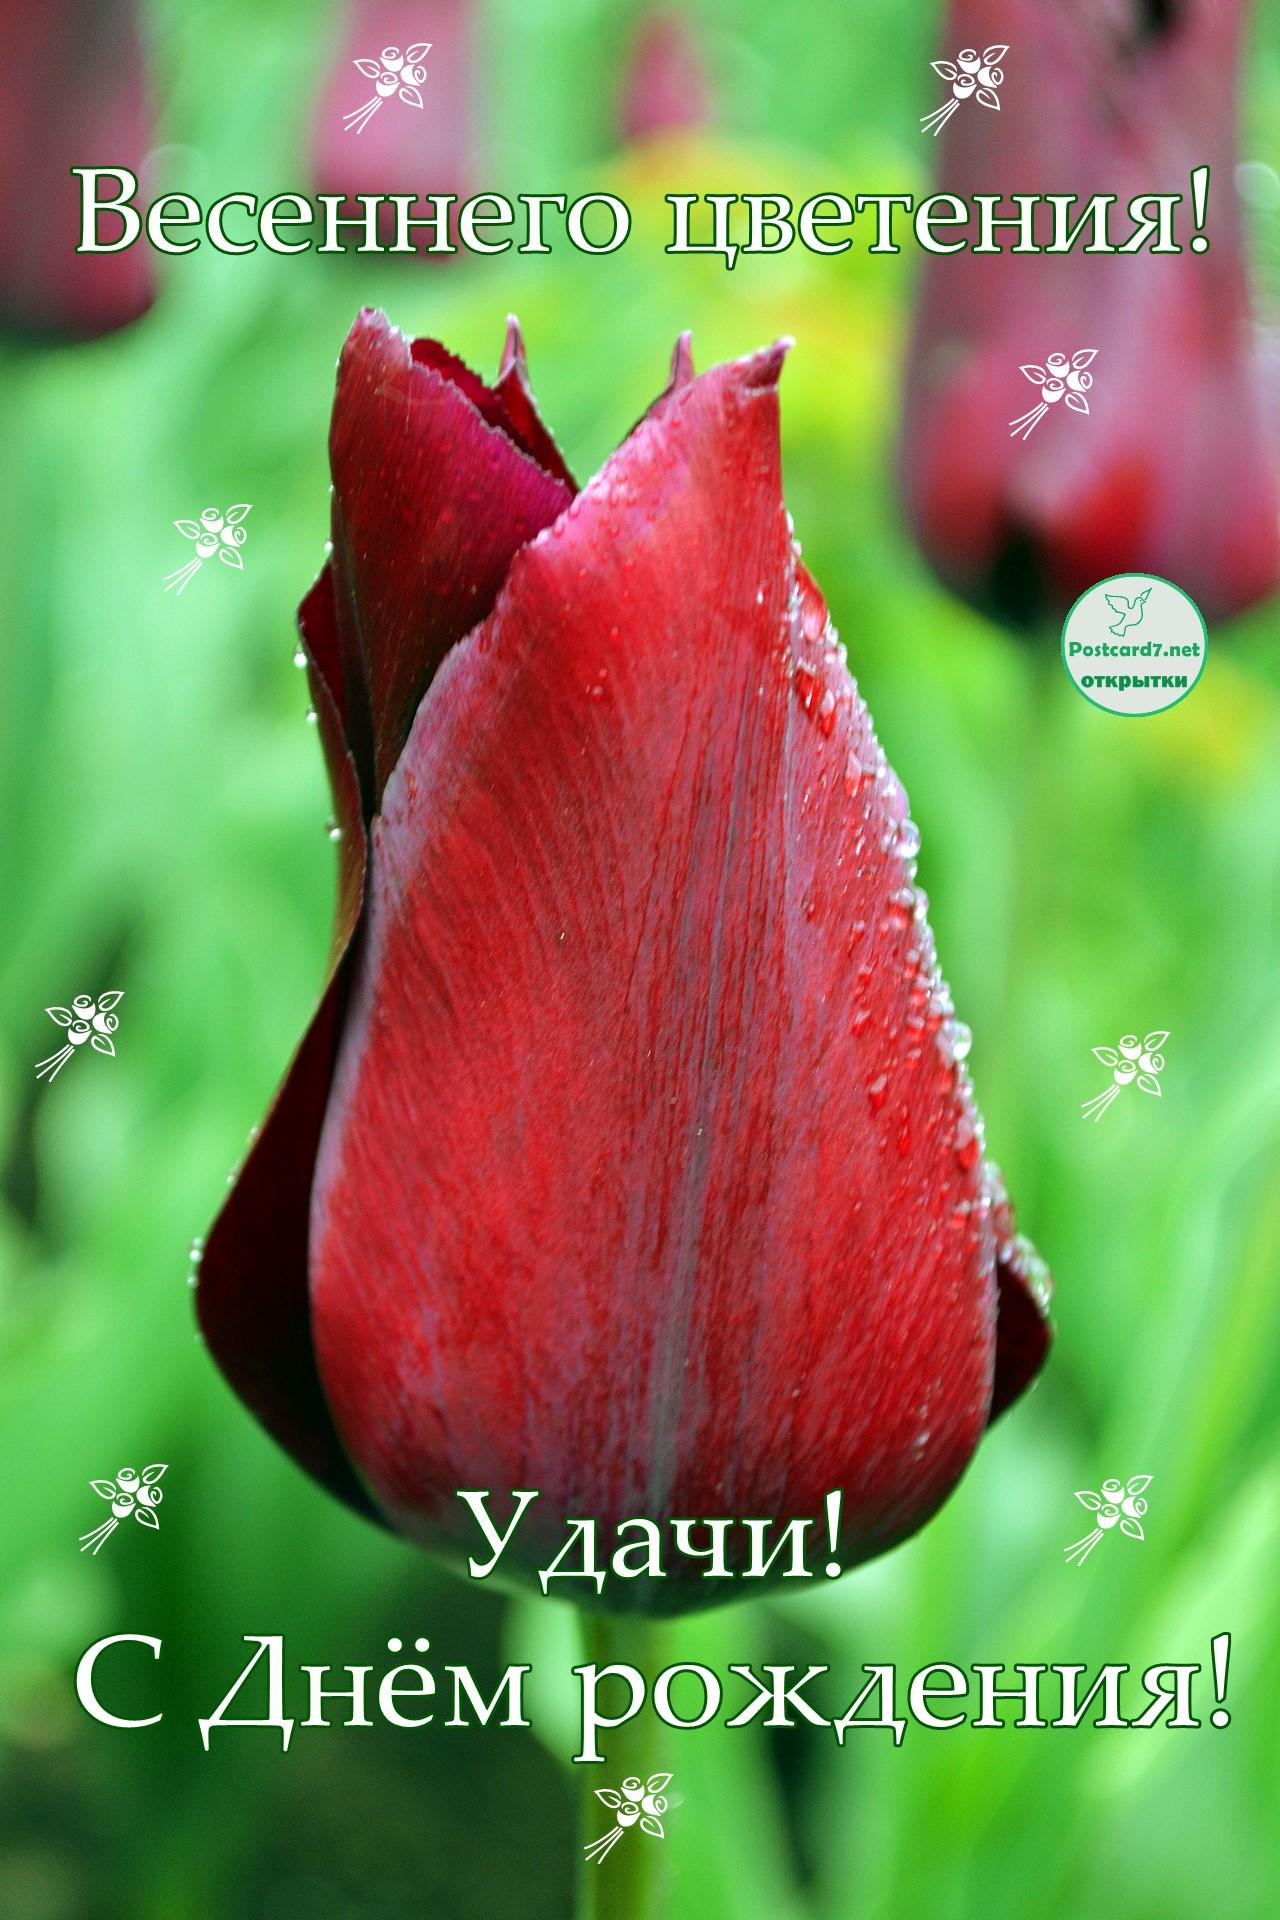 С Днём рождения, открытка с тюльпаном